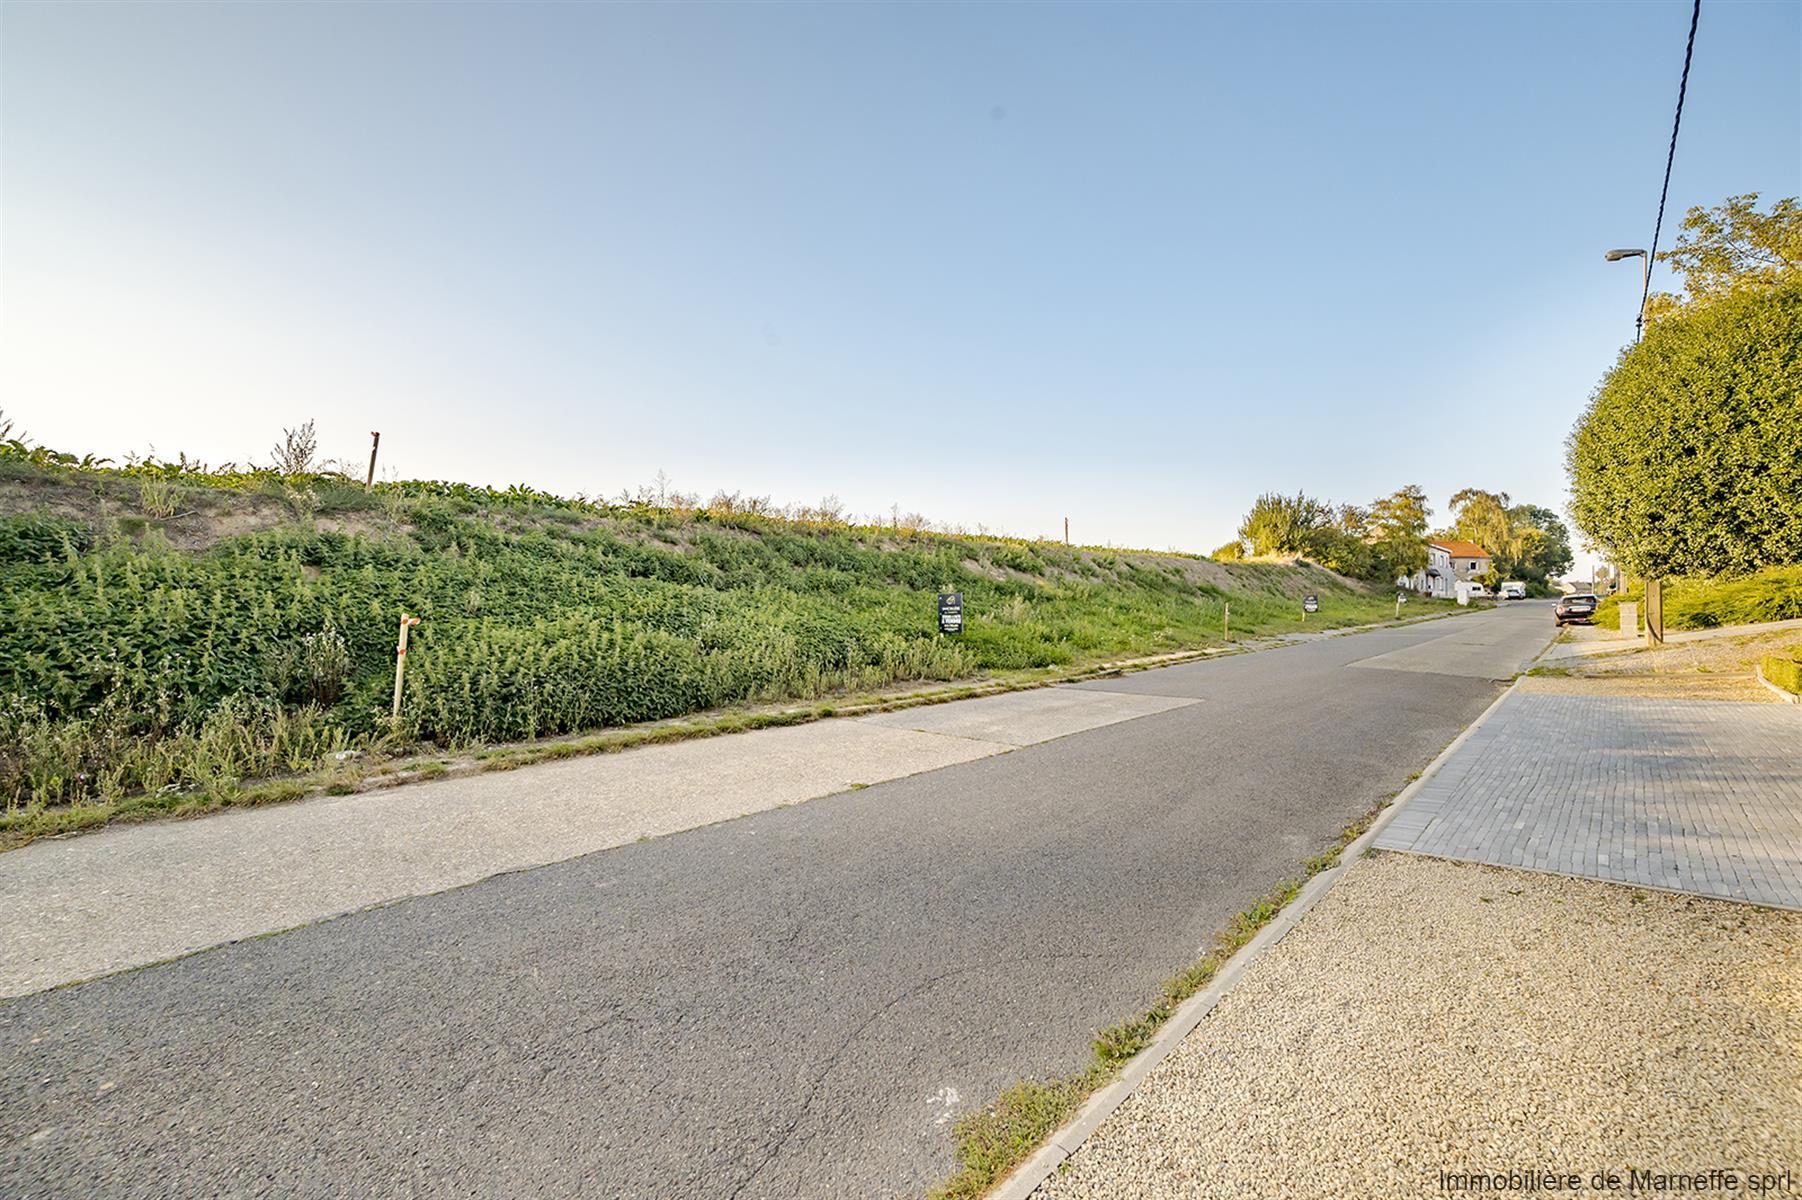 Terrain à bâtir - Berloz - #4163496-8